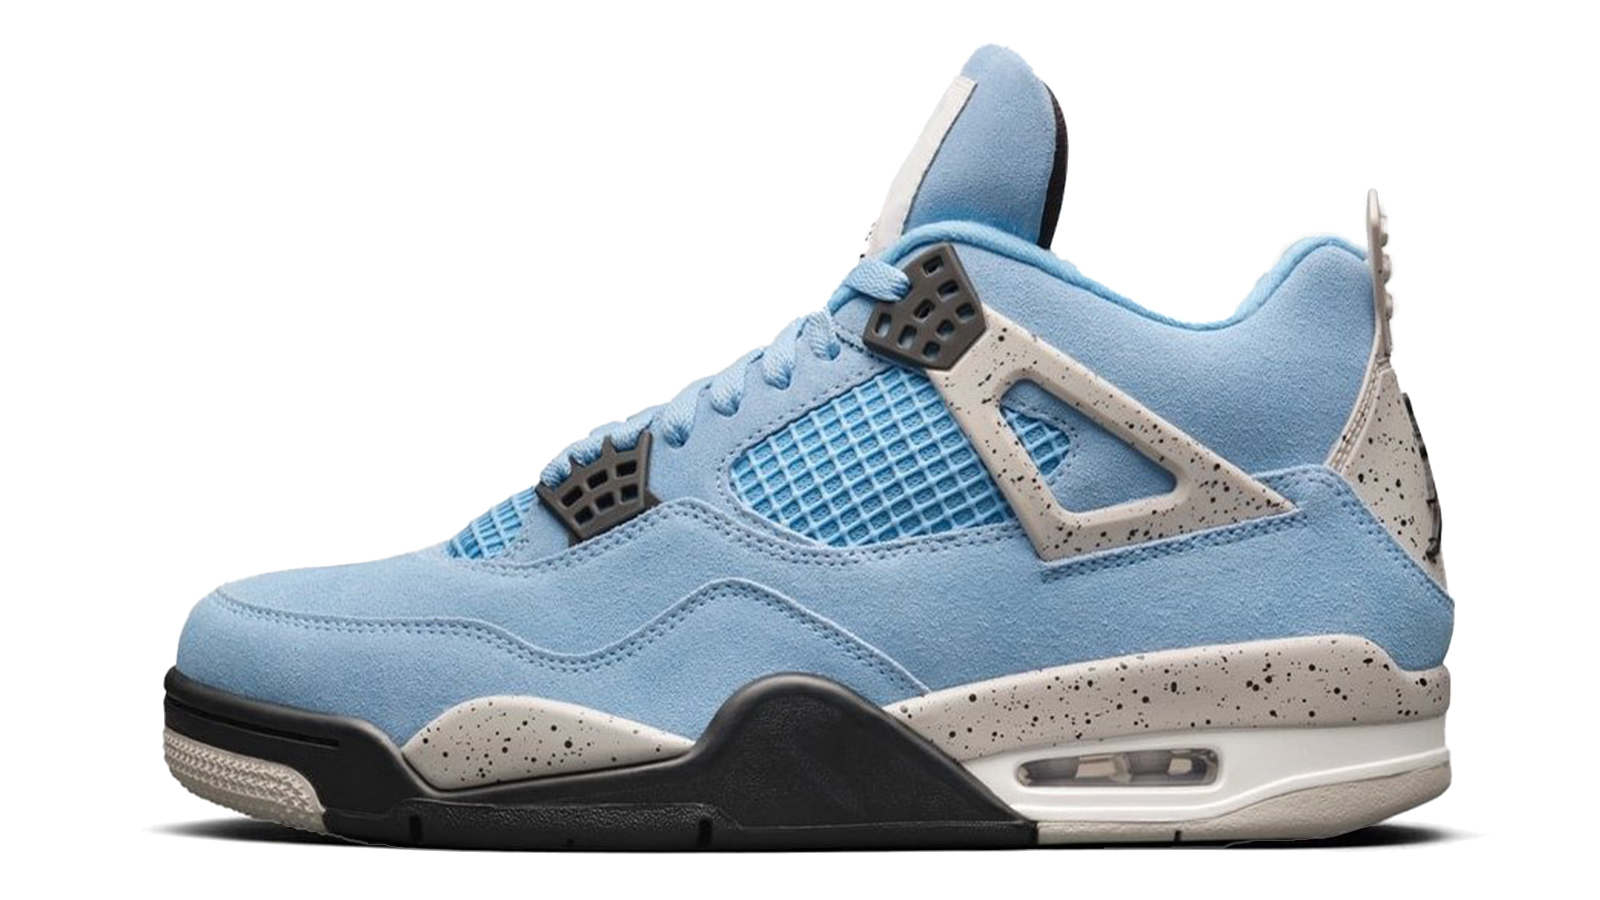 Air Jordan 4 University Blue CT8527-400